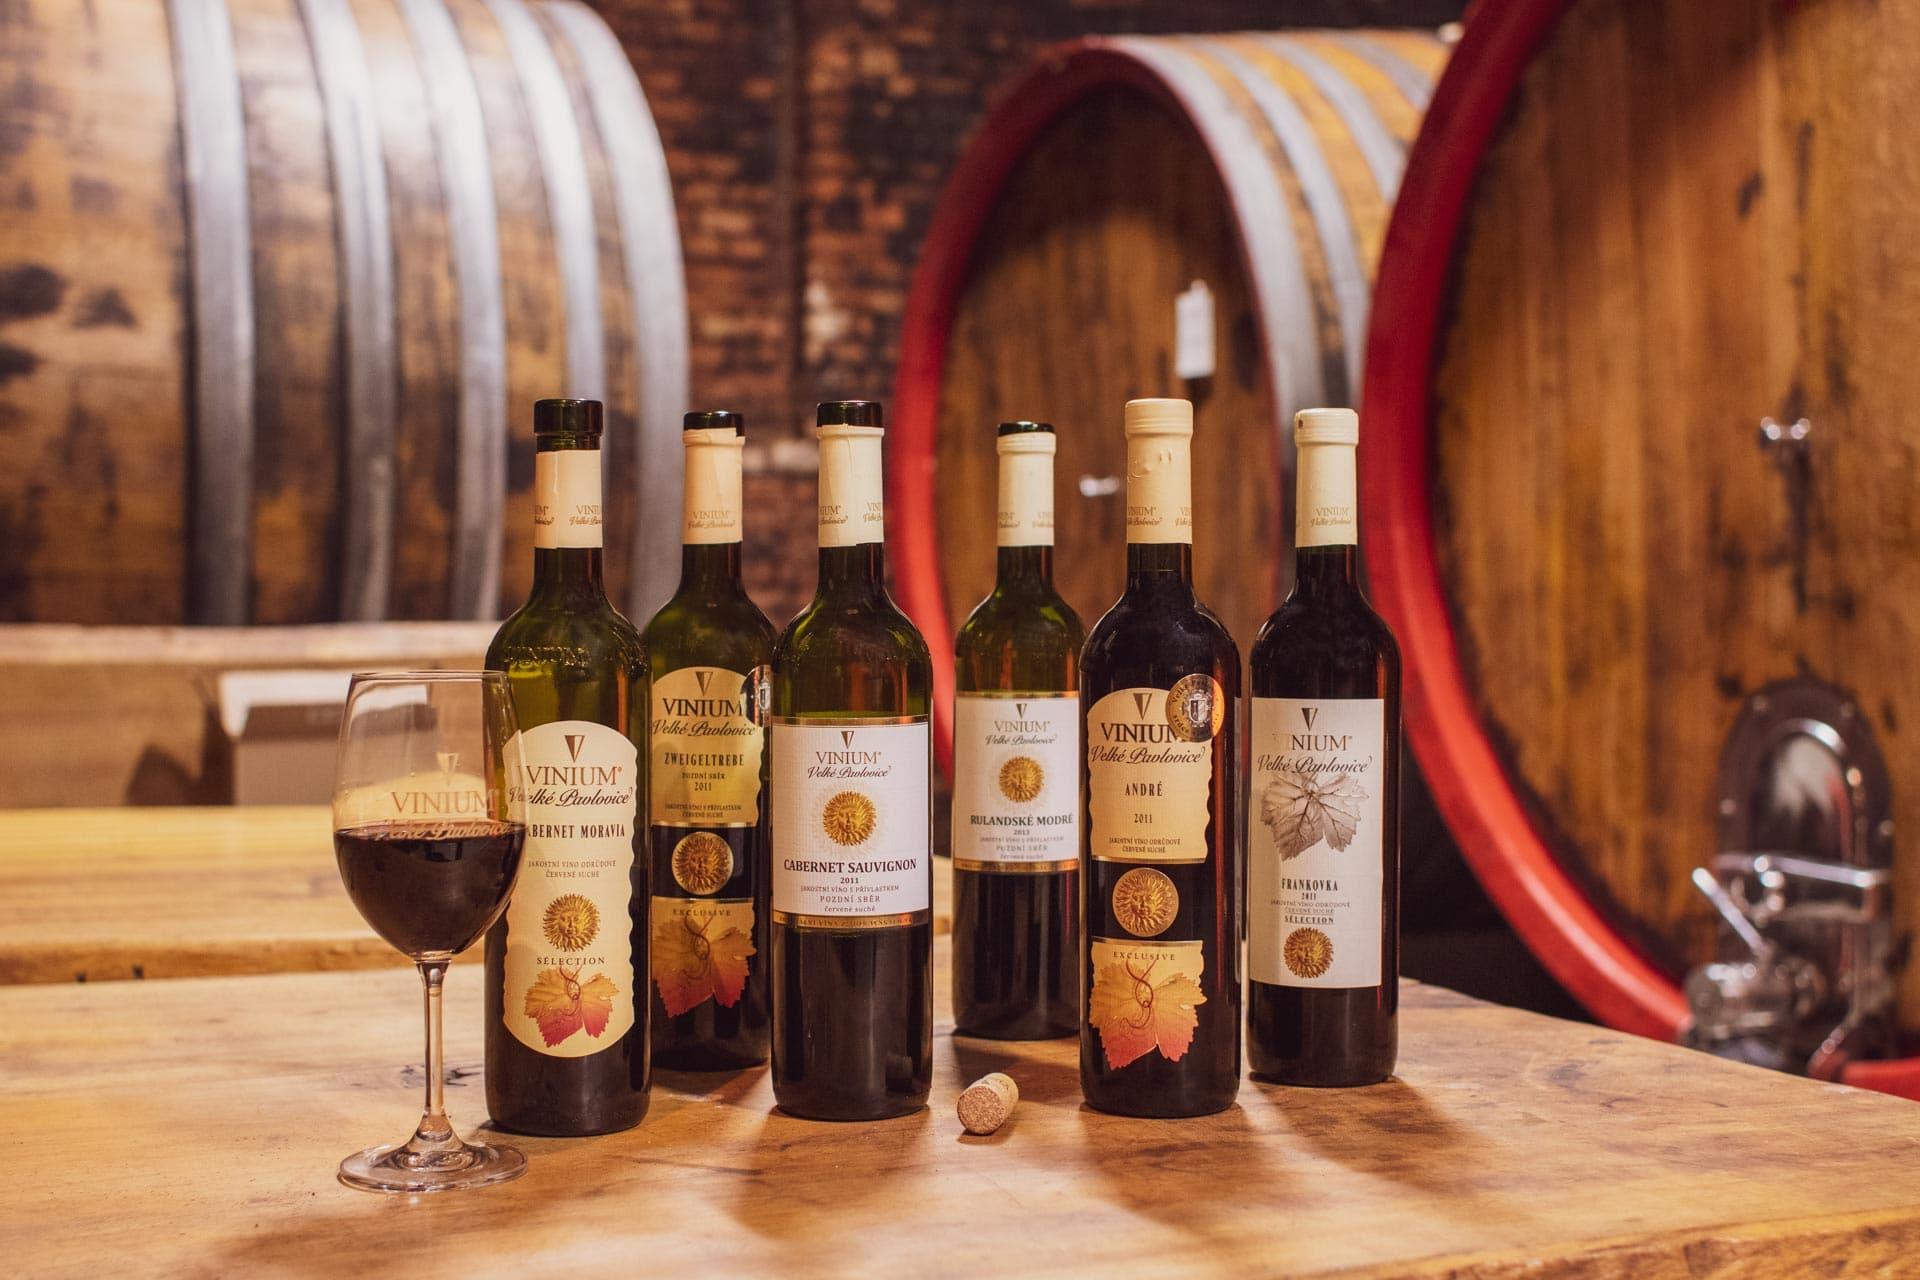 archivní víno, přívlastkové víno, červené víno, VINIUM